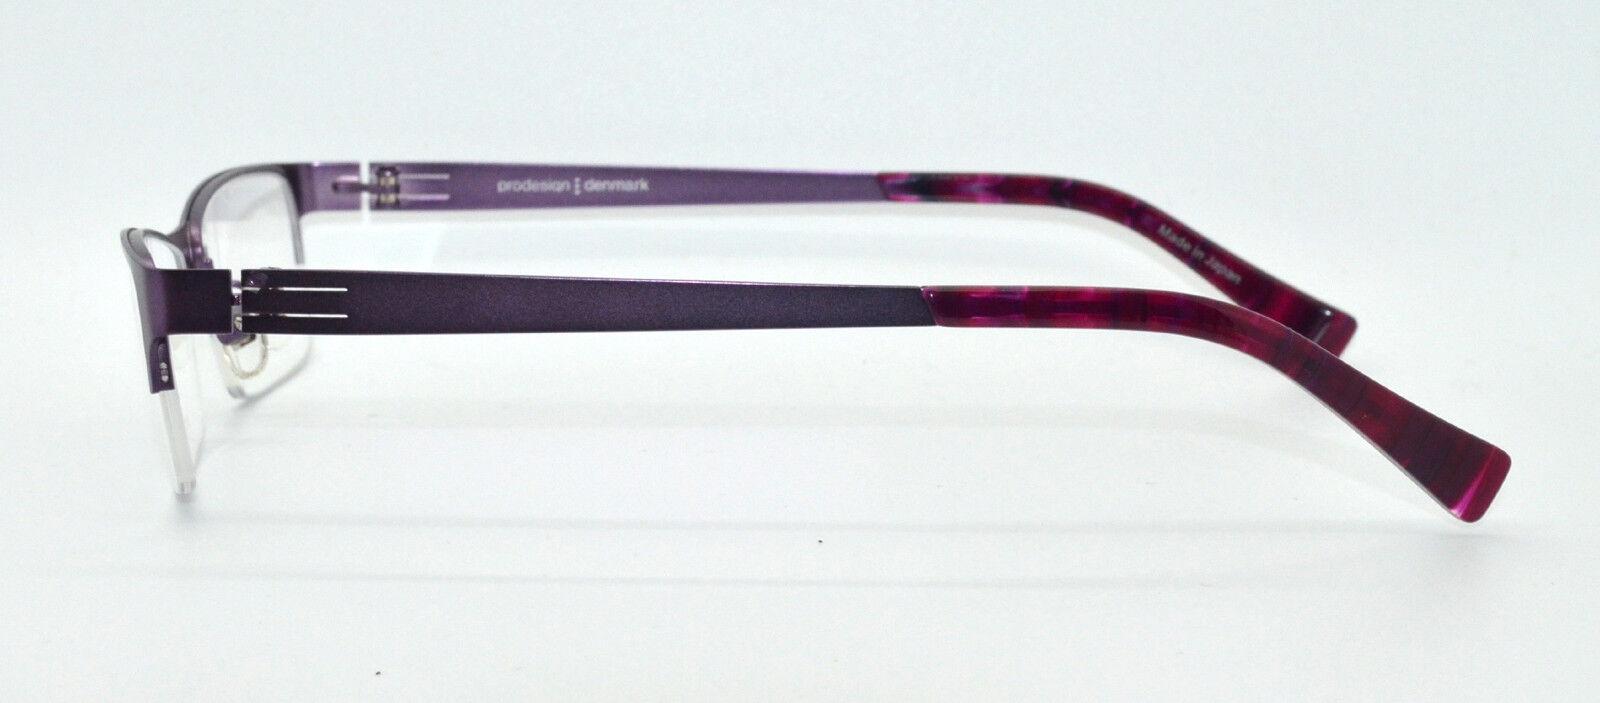 768b8f43c87 NEW 100% Authentic PRODESIGN DENMARK 1247 c.3531 Purple Eyeglasses Frames